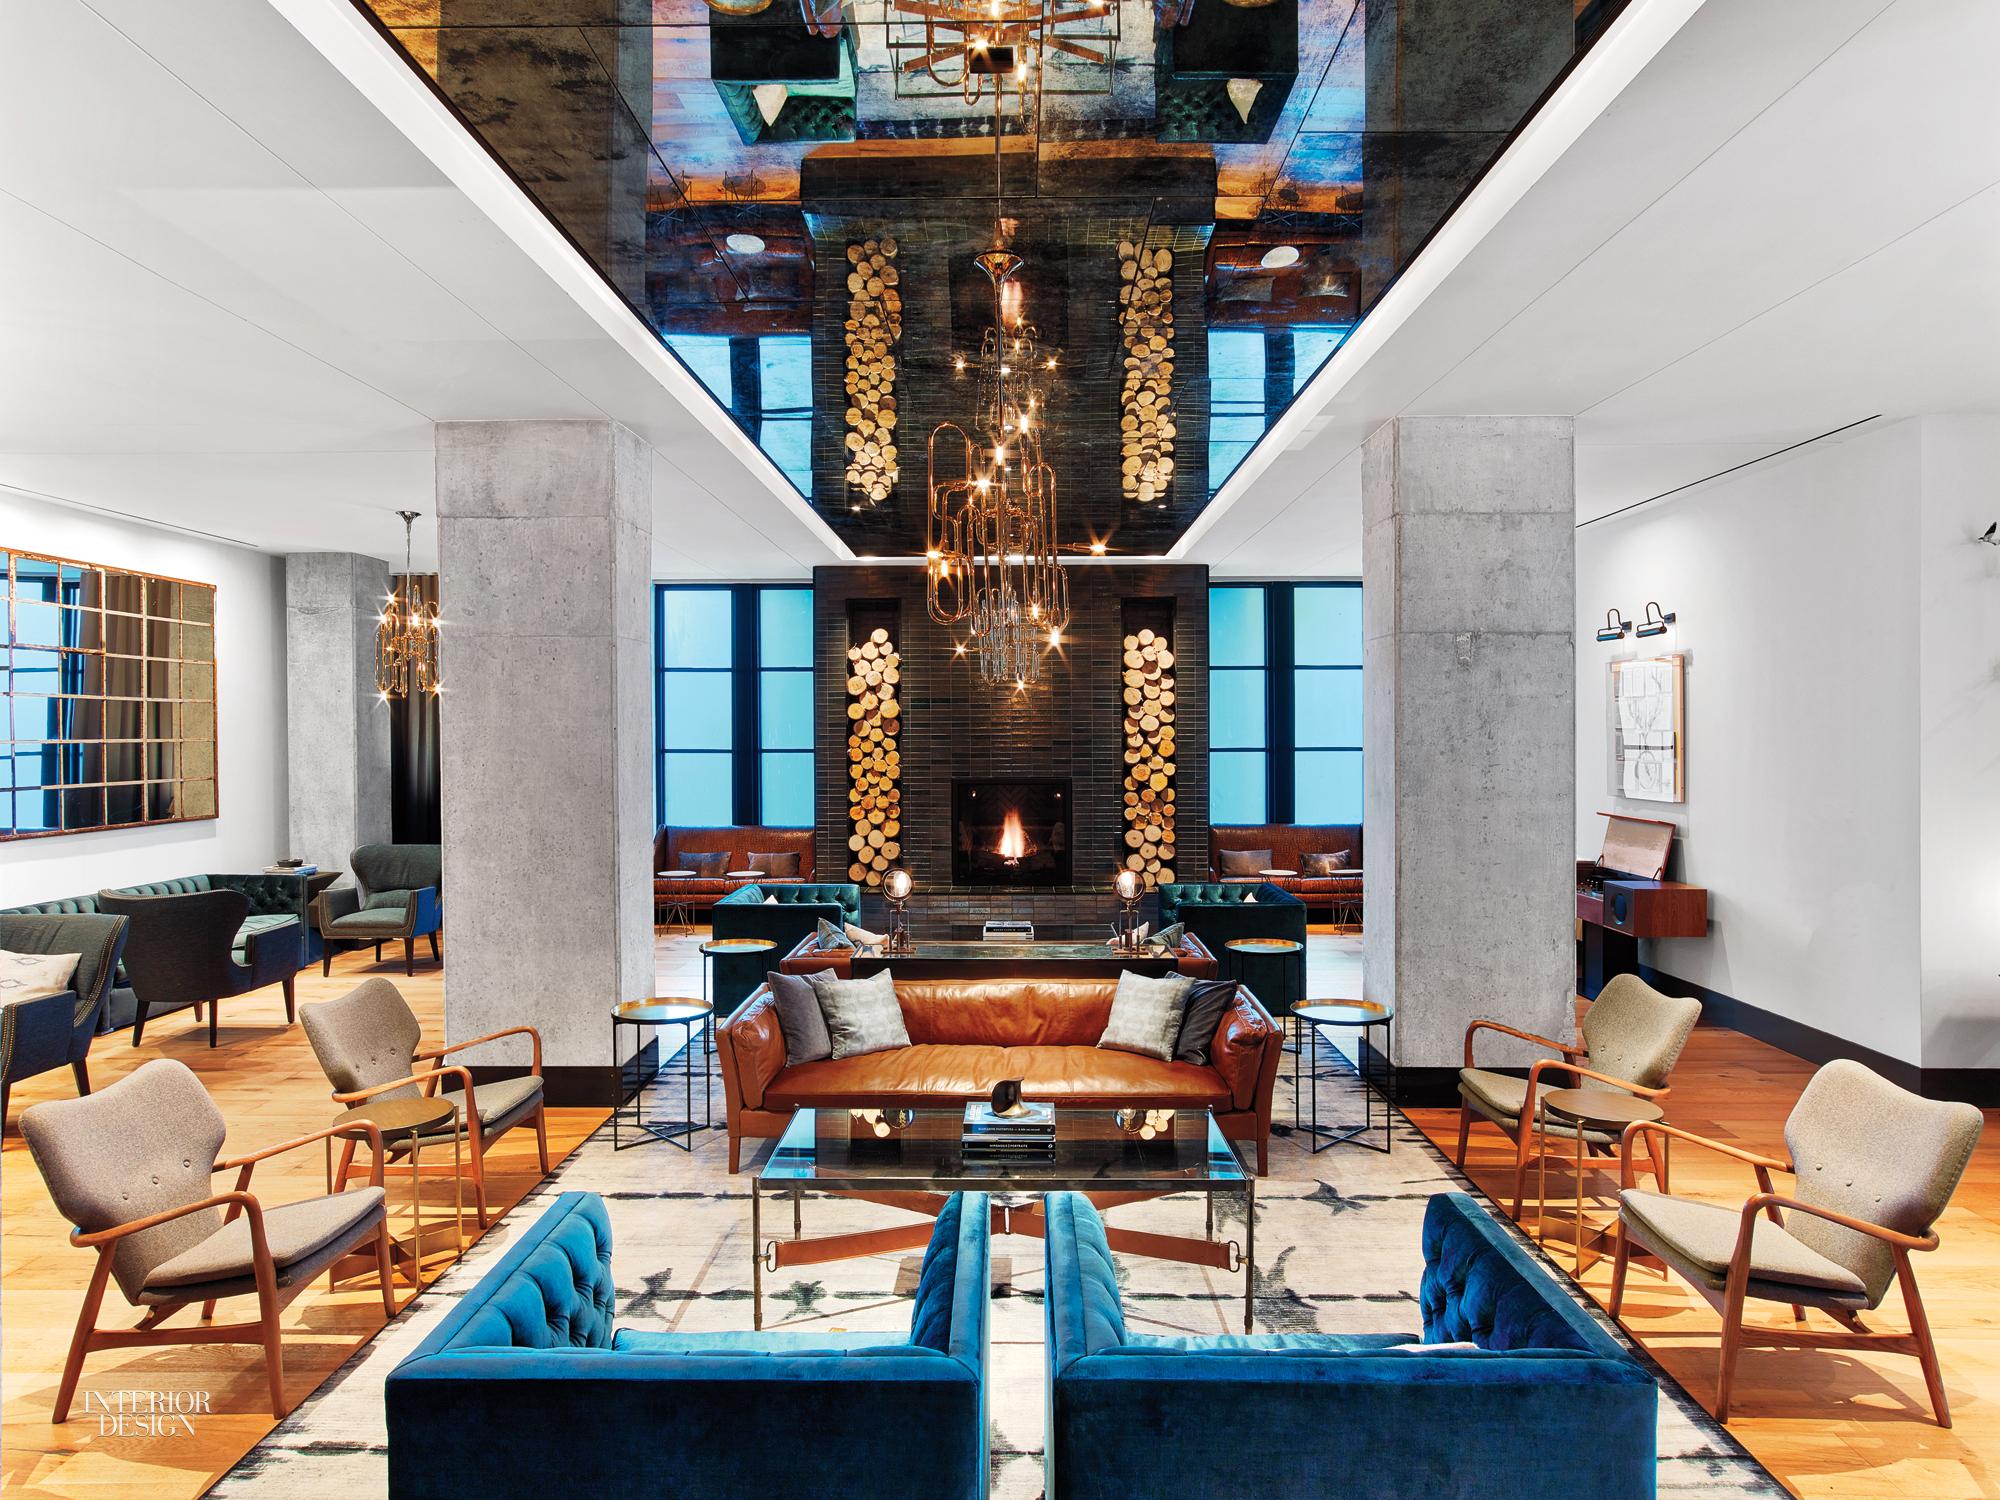 Hotel Van Zandt By Markzeff 2017 Best Of Year Winner For City & Interior Design Firms Austin Texas | Interior Halloween